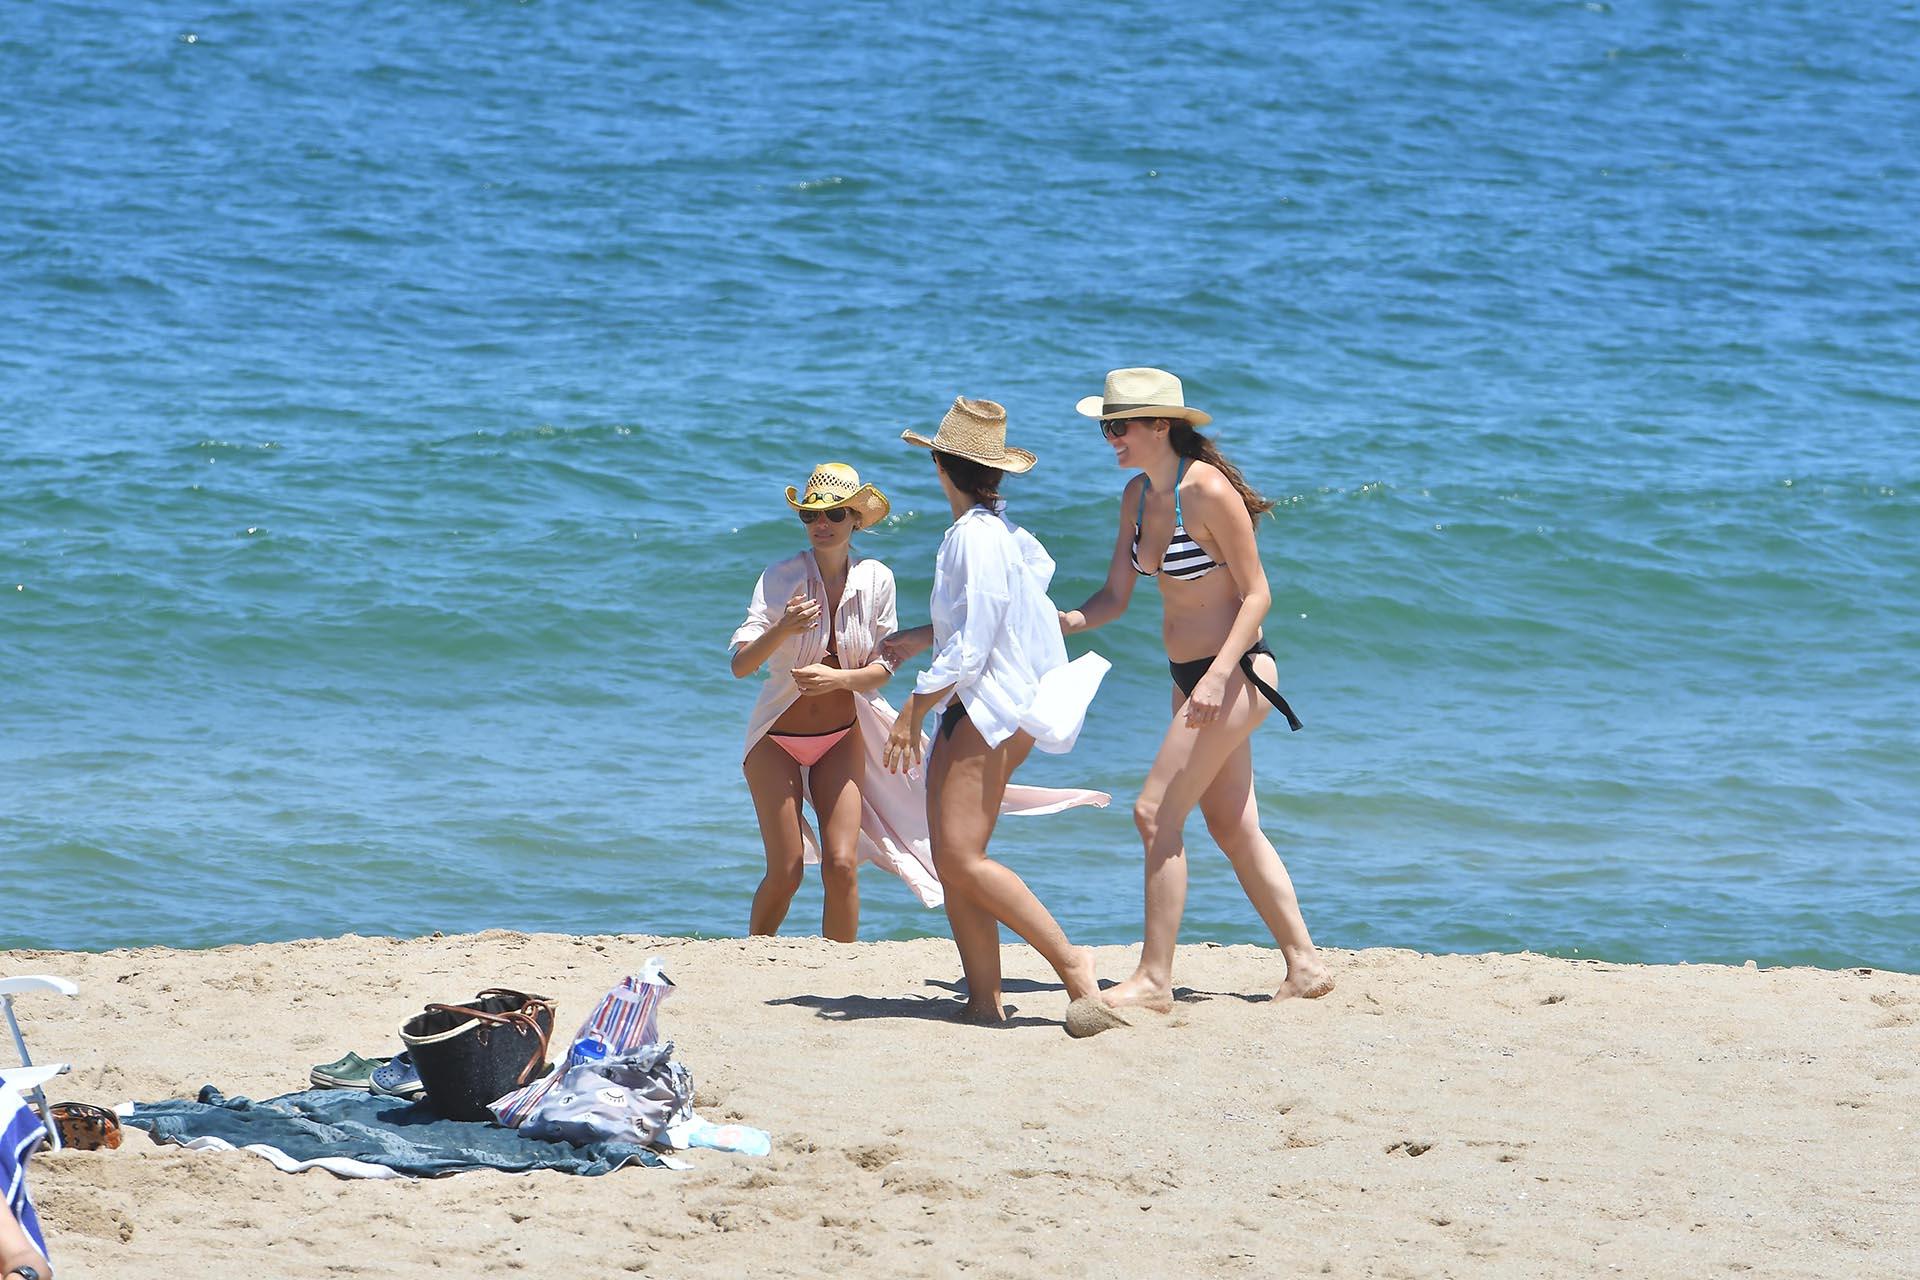 Desde diciembre, Carolina se instaló en Punta del Este para descansar. Se apoya en sus amigas tras su distanciamiento del ex tenista